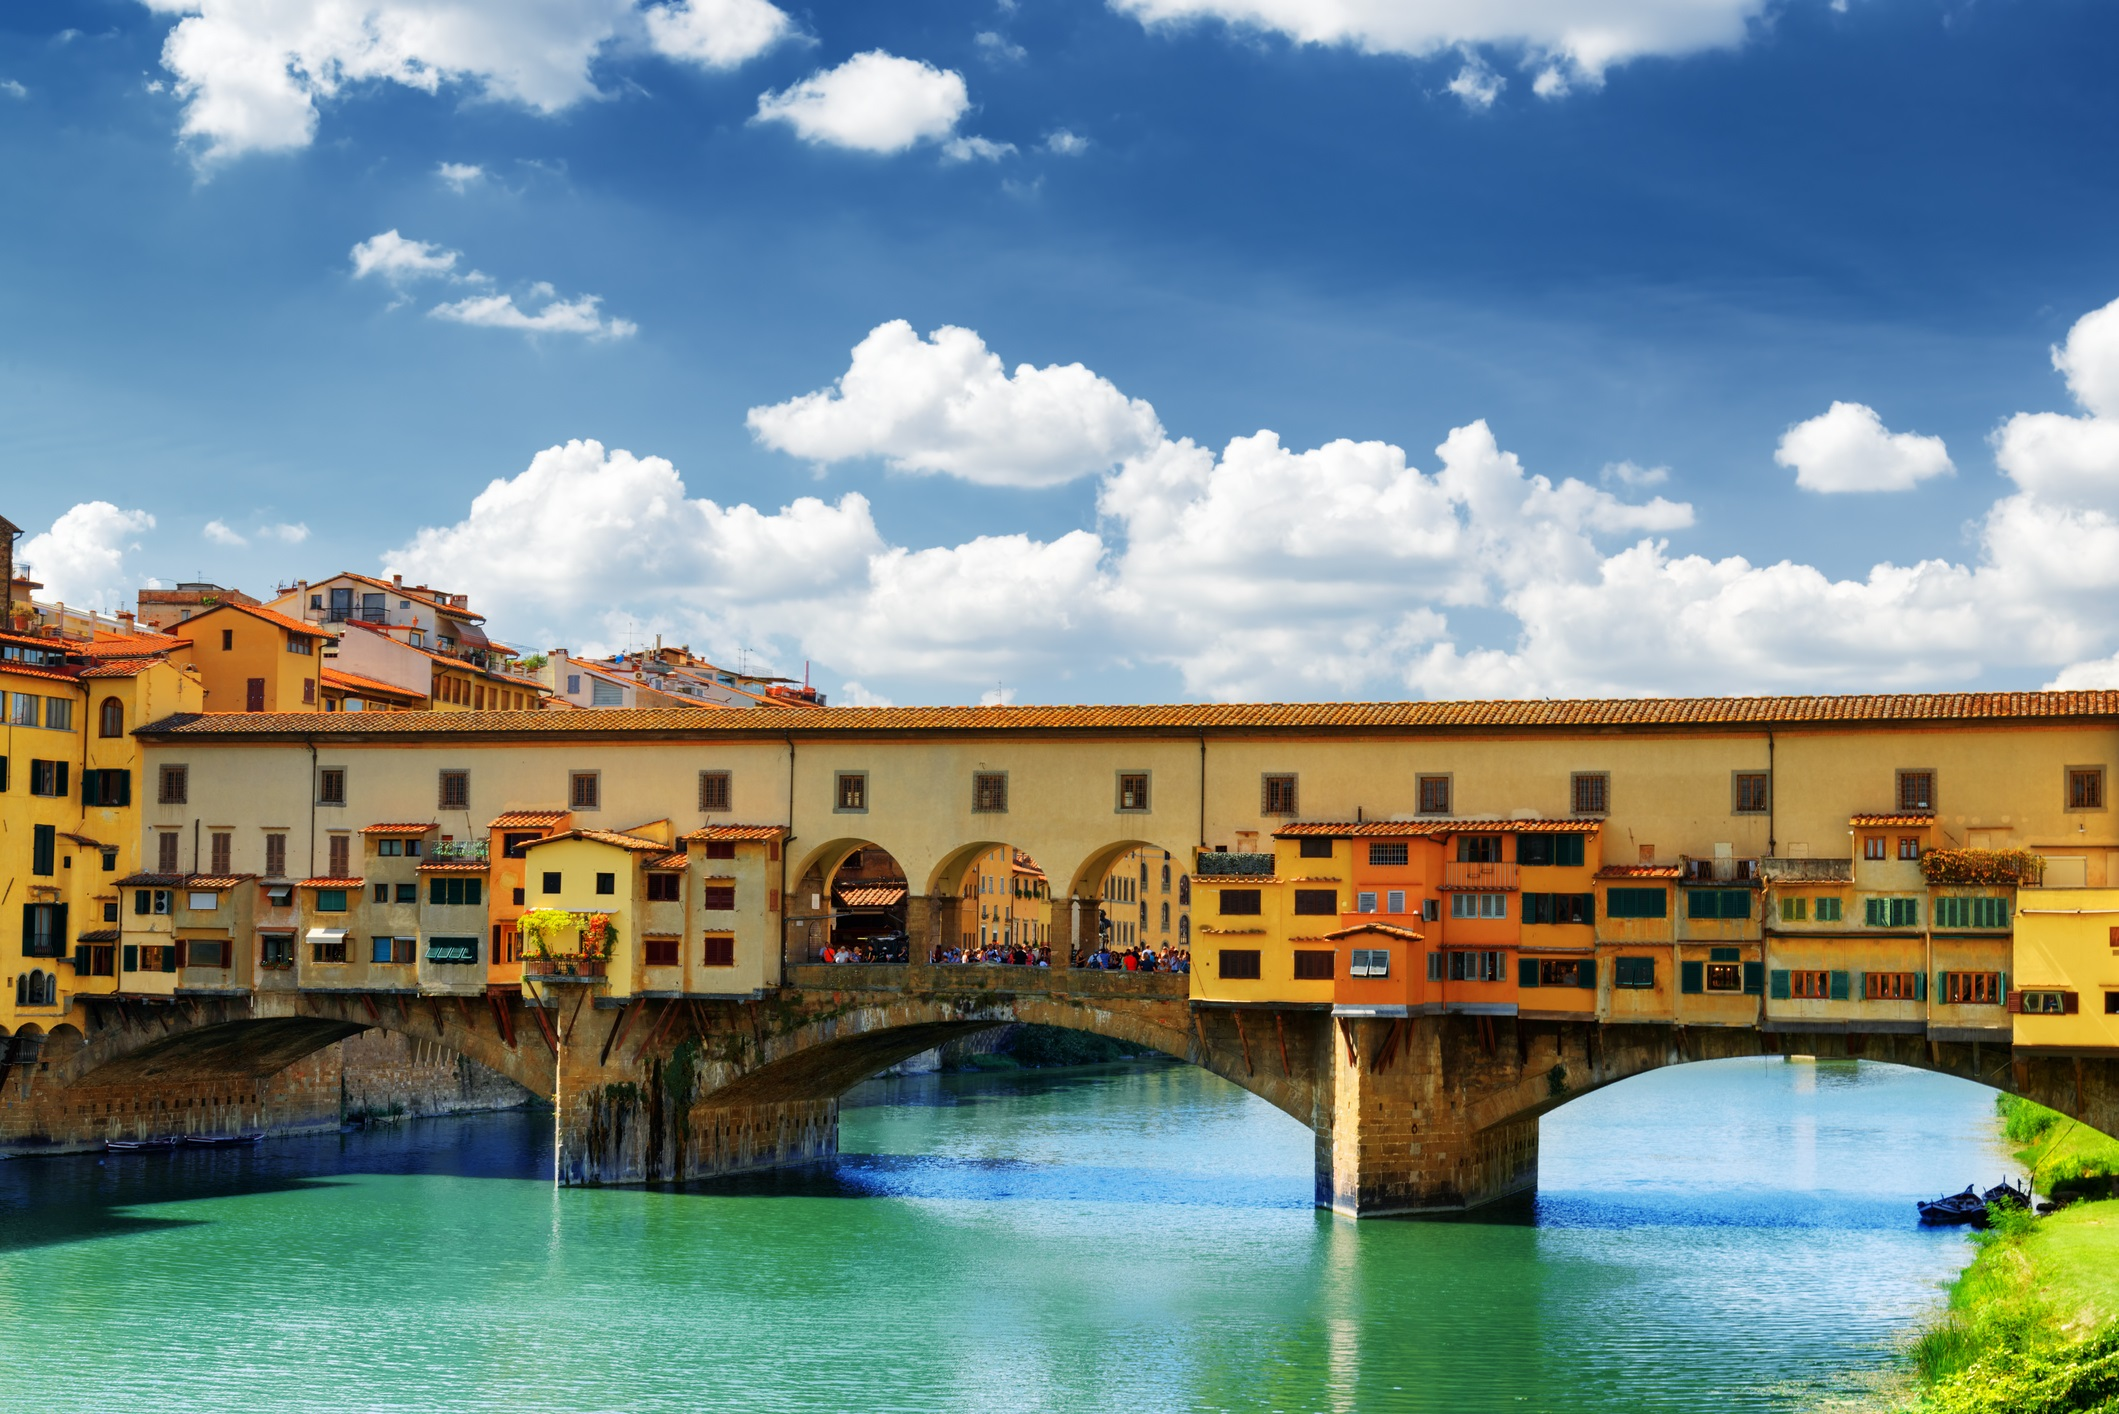 <p><strong>Понте Векио (Флоренция, Италия)</strong></p>  <p>Мост на това място съществува поне от 966 г., въпреки че Понте Векио във Флоренция е бил разрушаван два пъти в историята си от наводнения. Не е ясно коя година датира сегашната конструкция, но е един от най-разпознаваемите мостове в Италия. На покрития мост от векове има магазини: някога те са били предимно месарници и търговци на риба, а сега продават бижута и сувенири.</p>